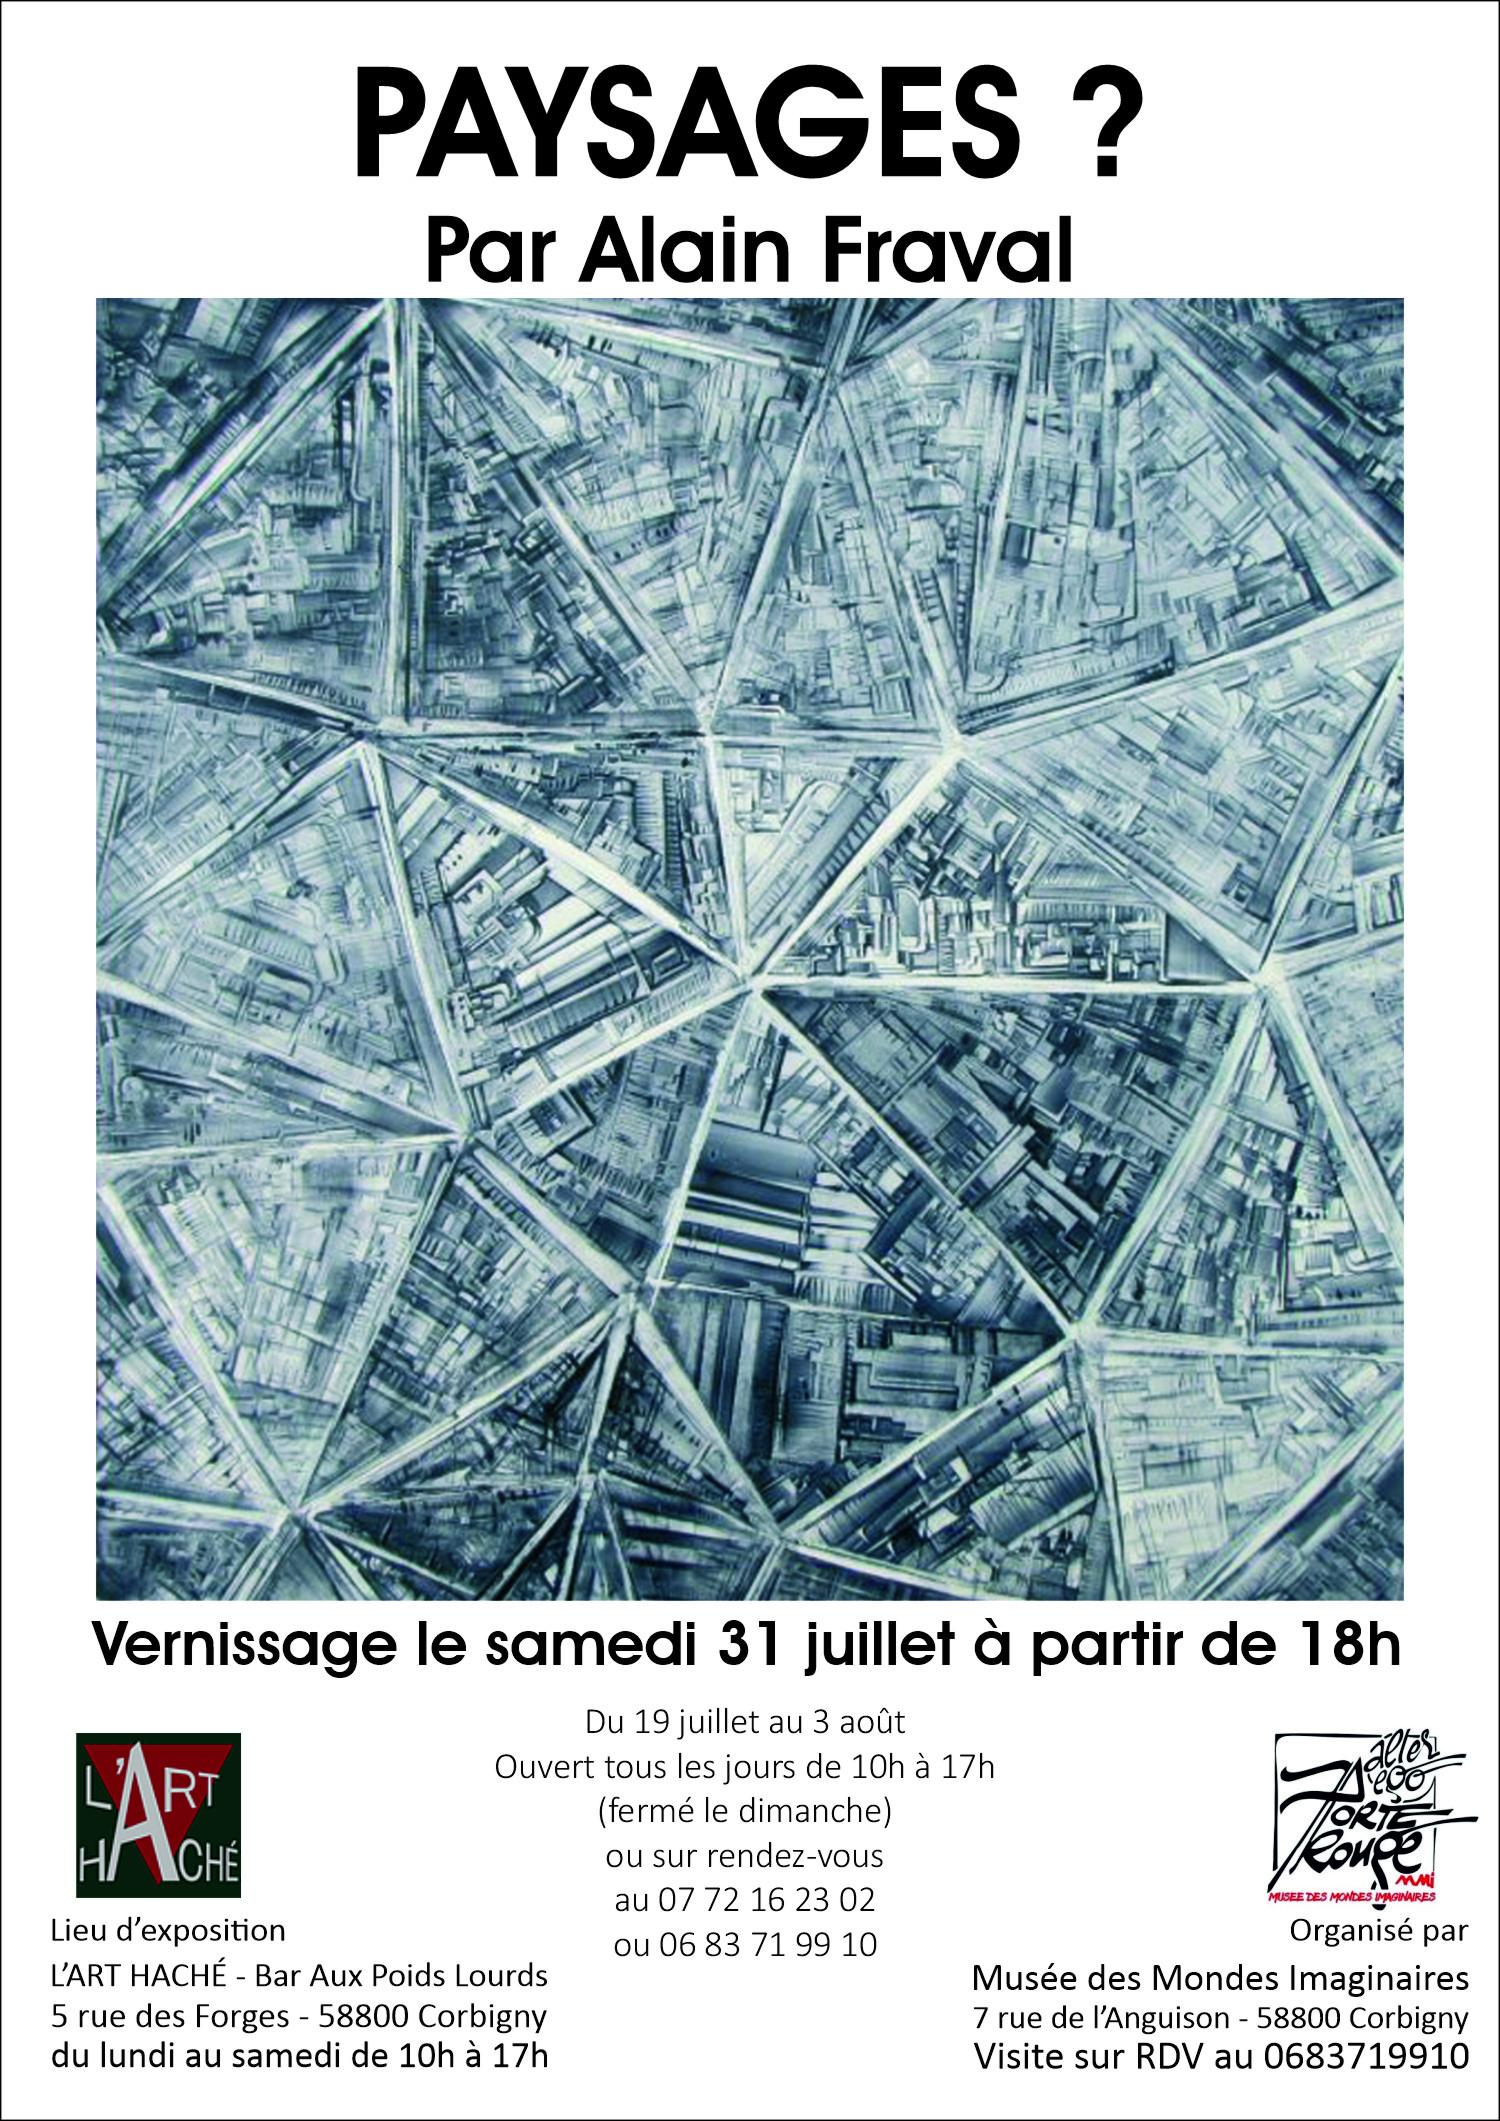 Paysages ? par Alain Fraval